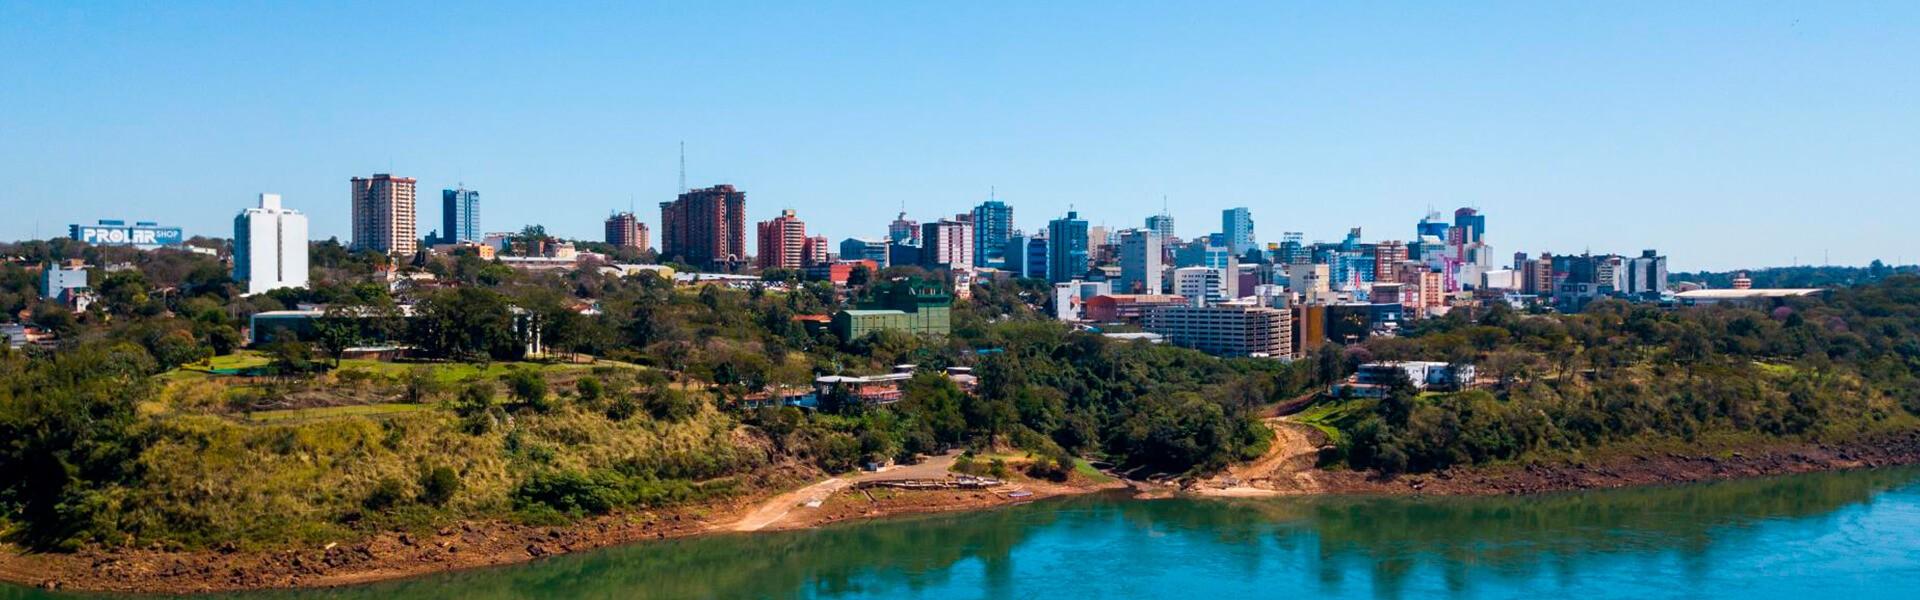 Fronteira Brasil e Paraguai segue fechada e sem previsão para reabertura